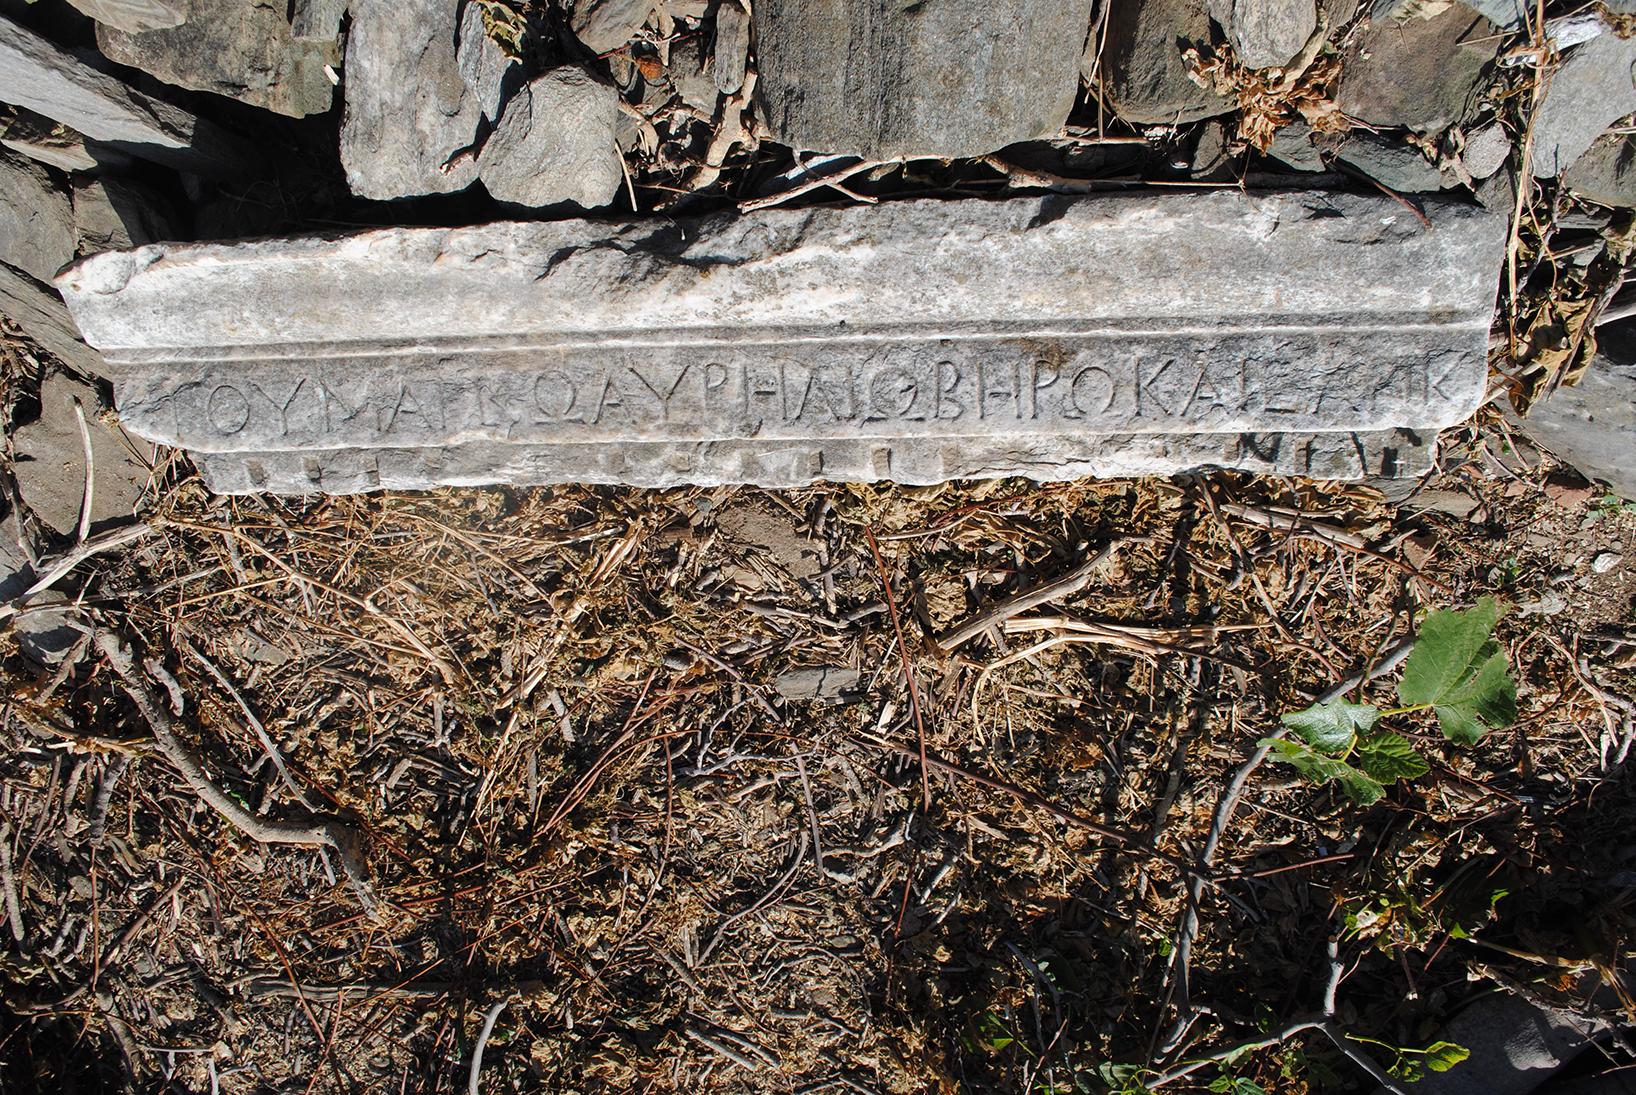 Ανασκαφή Ν. Κοντολέοντος. Τμήμα ενεπίγραφου γείσου